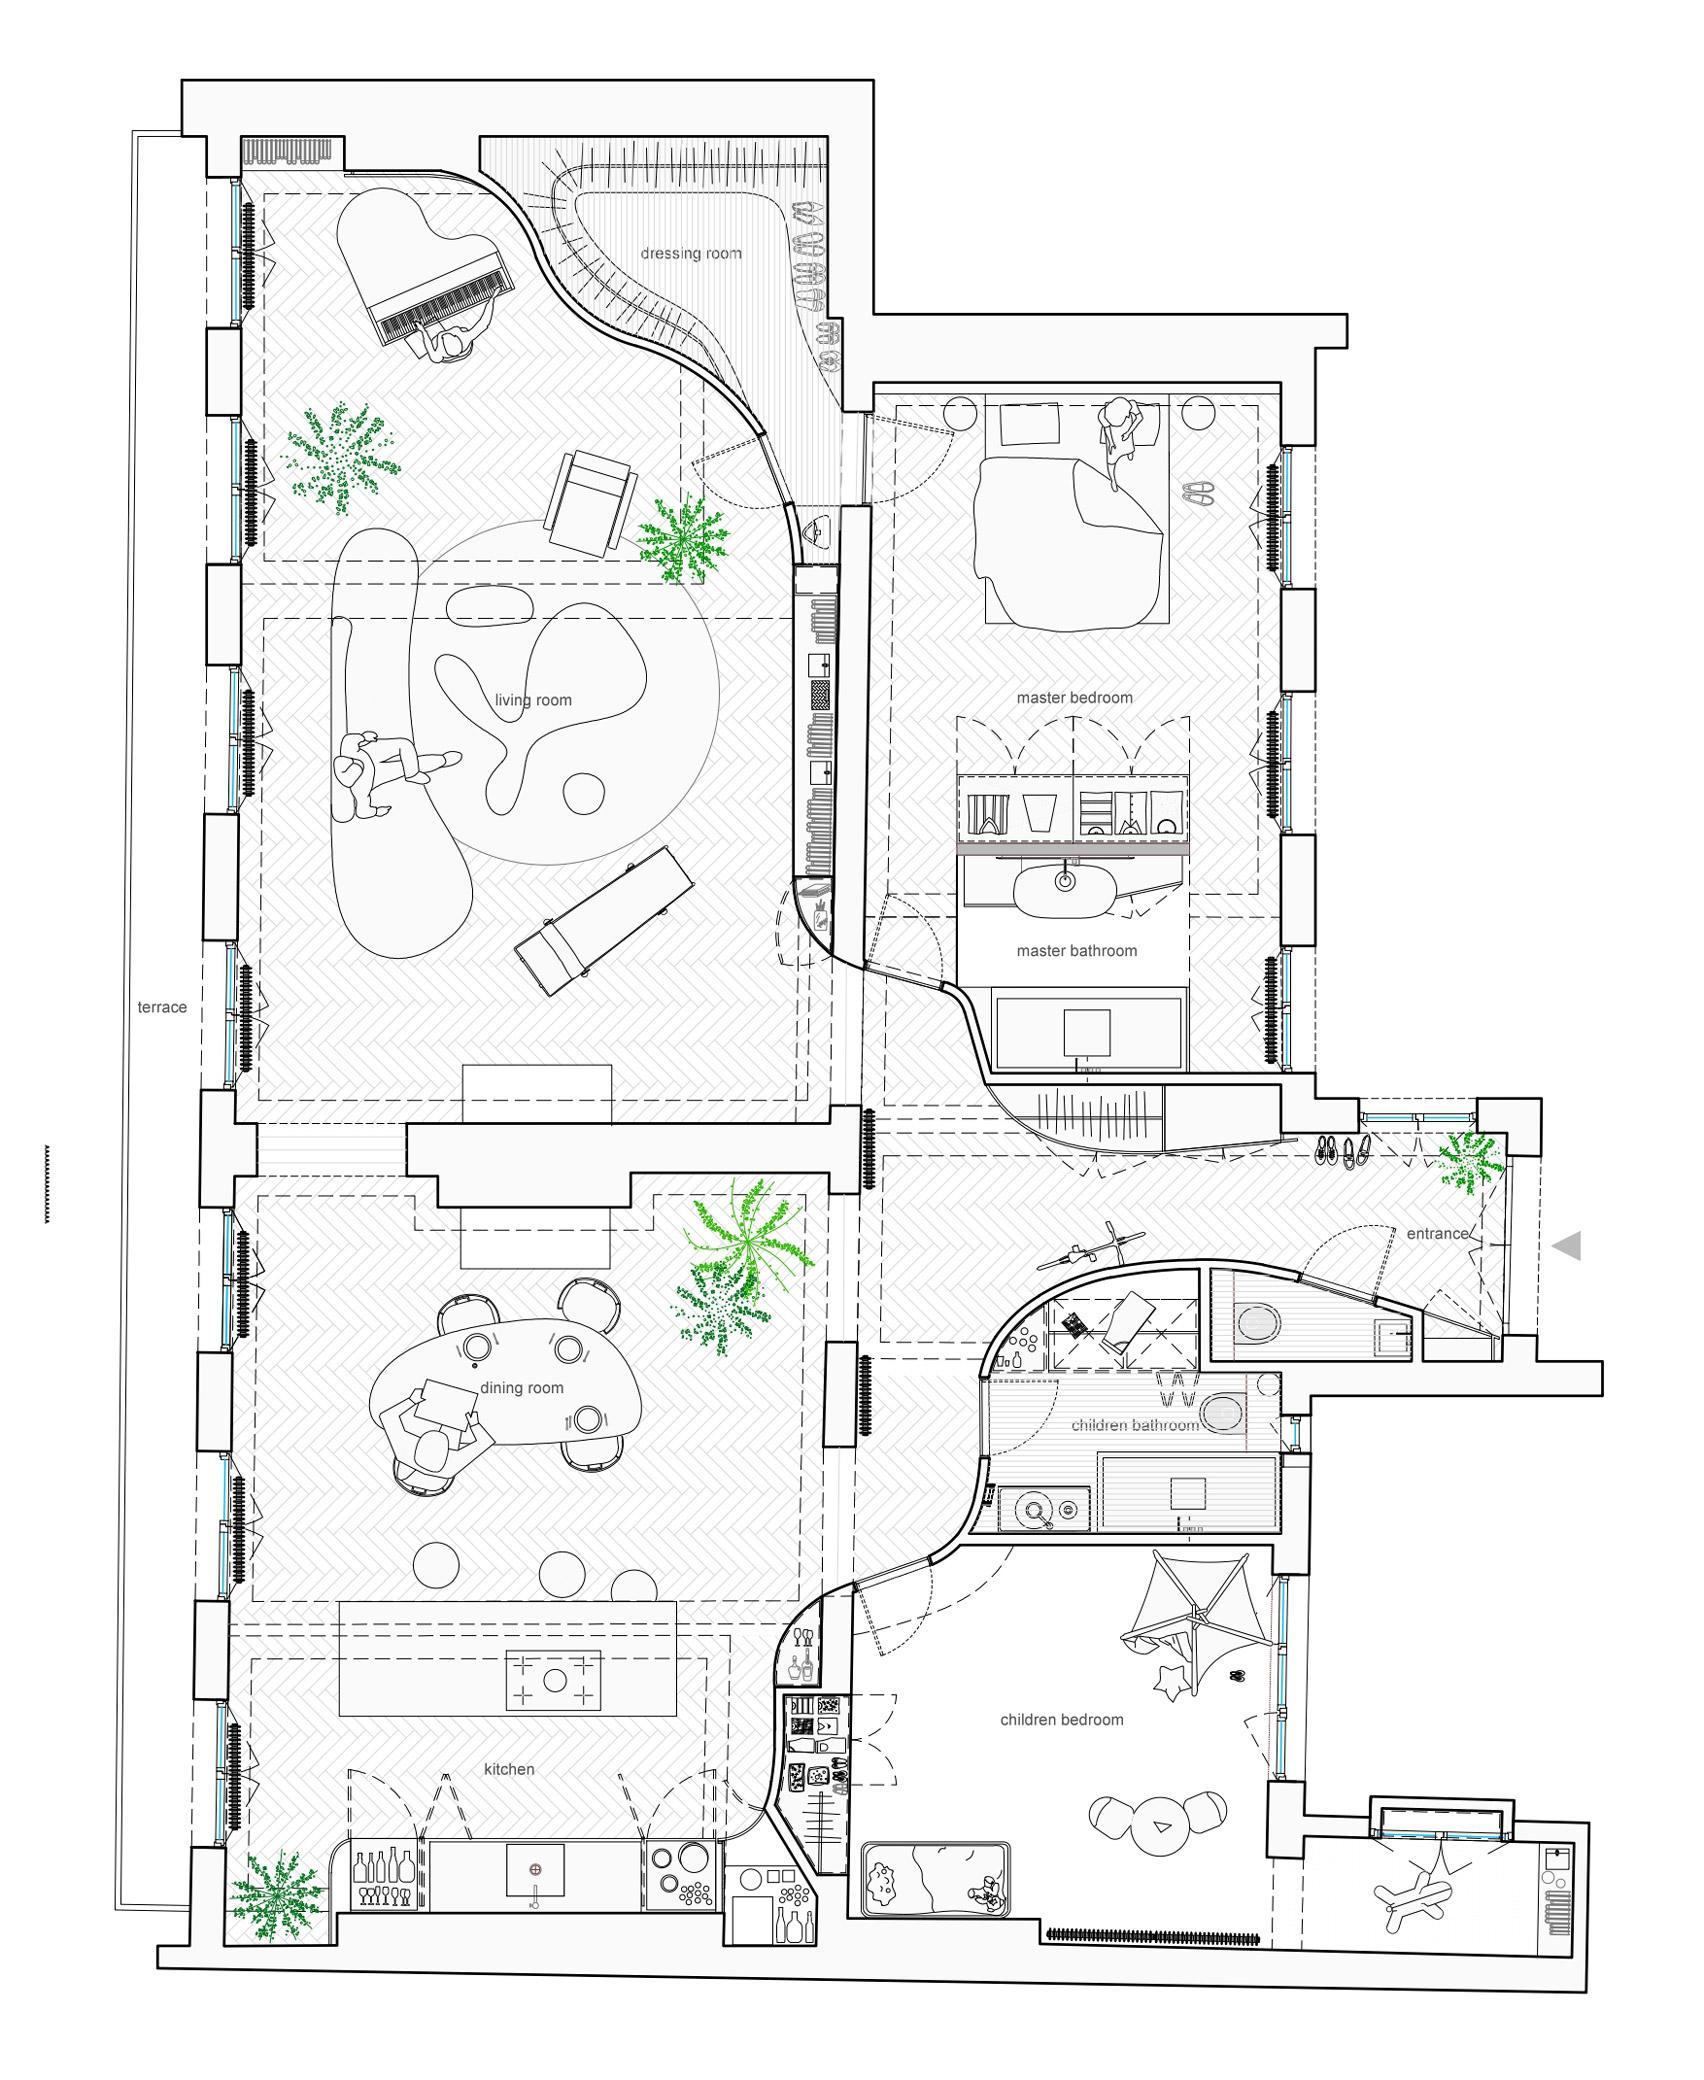 Thiết kế nội thất căn hộ 90m2 9